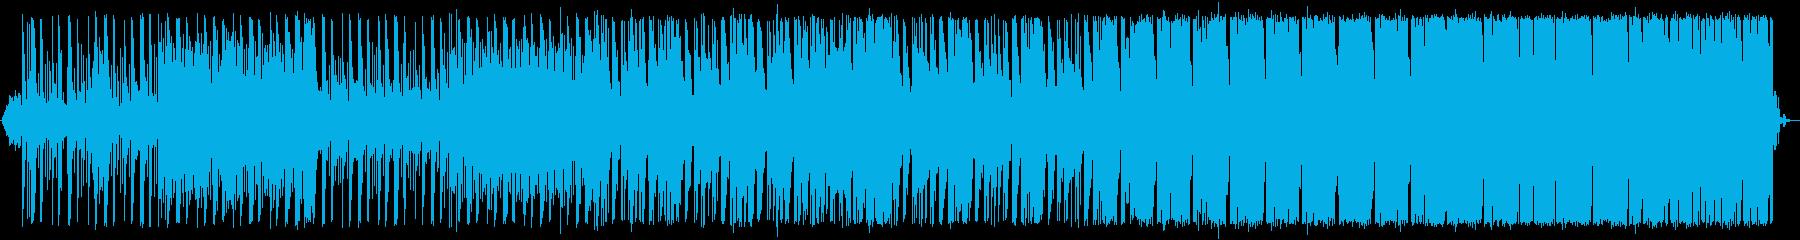 ちょっとホラーな工場風BGMの再生済みの波形